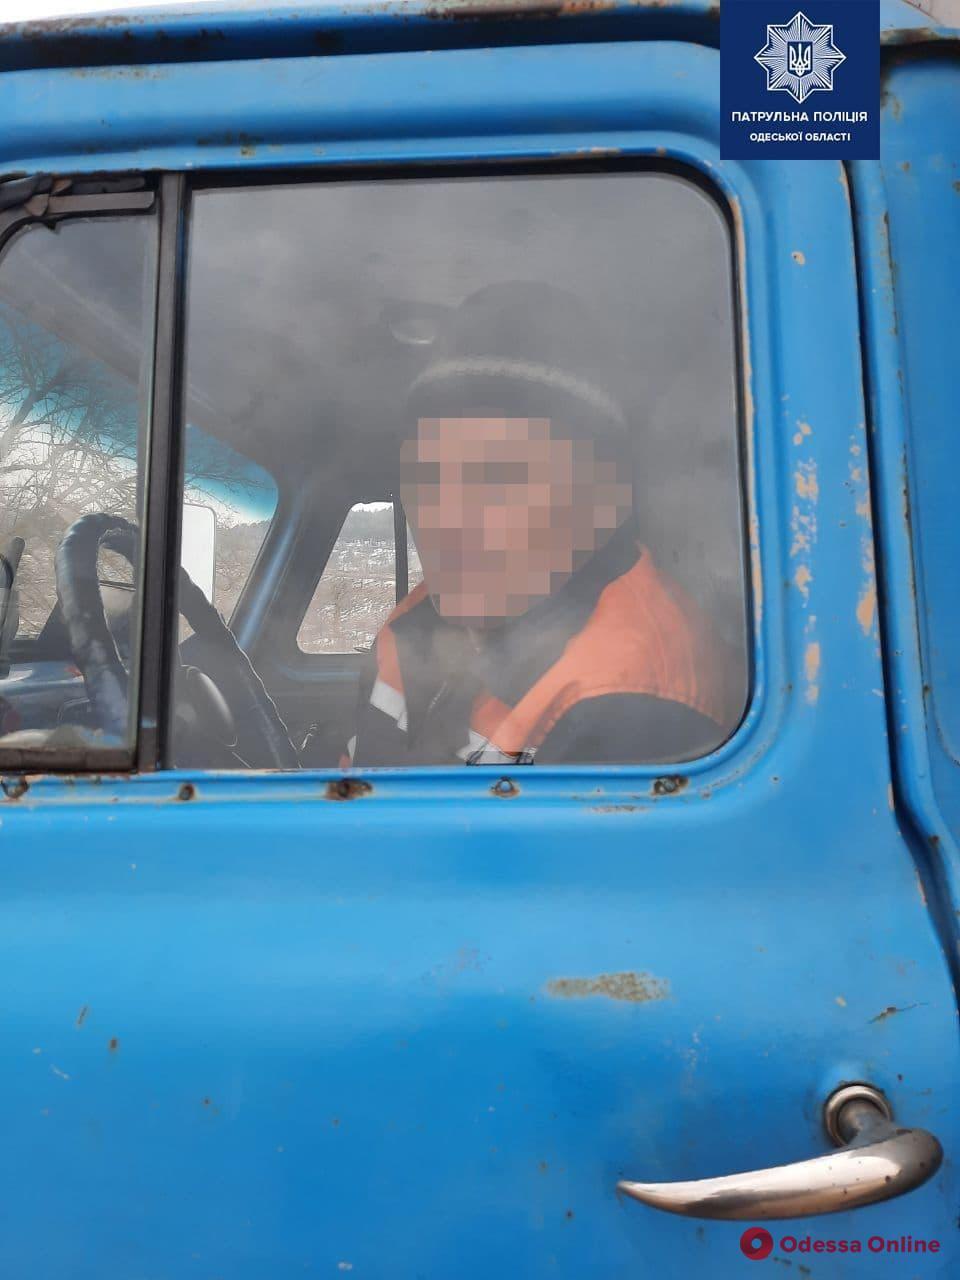 Одесские патрульные помогли водителю грузовика, которому стало плохо за рулем